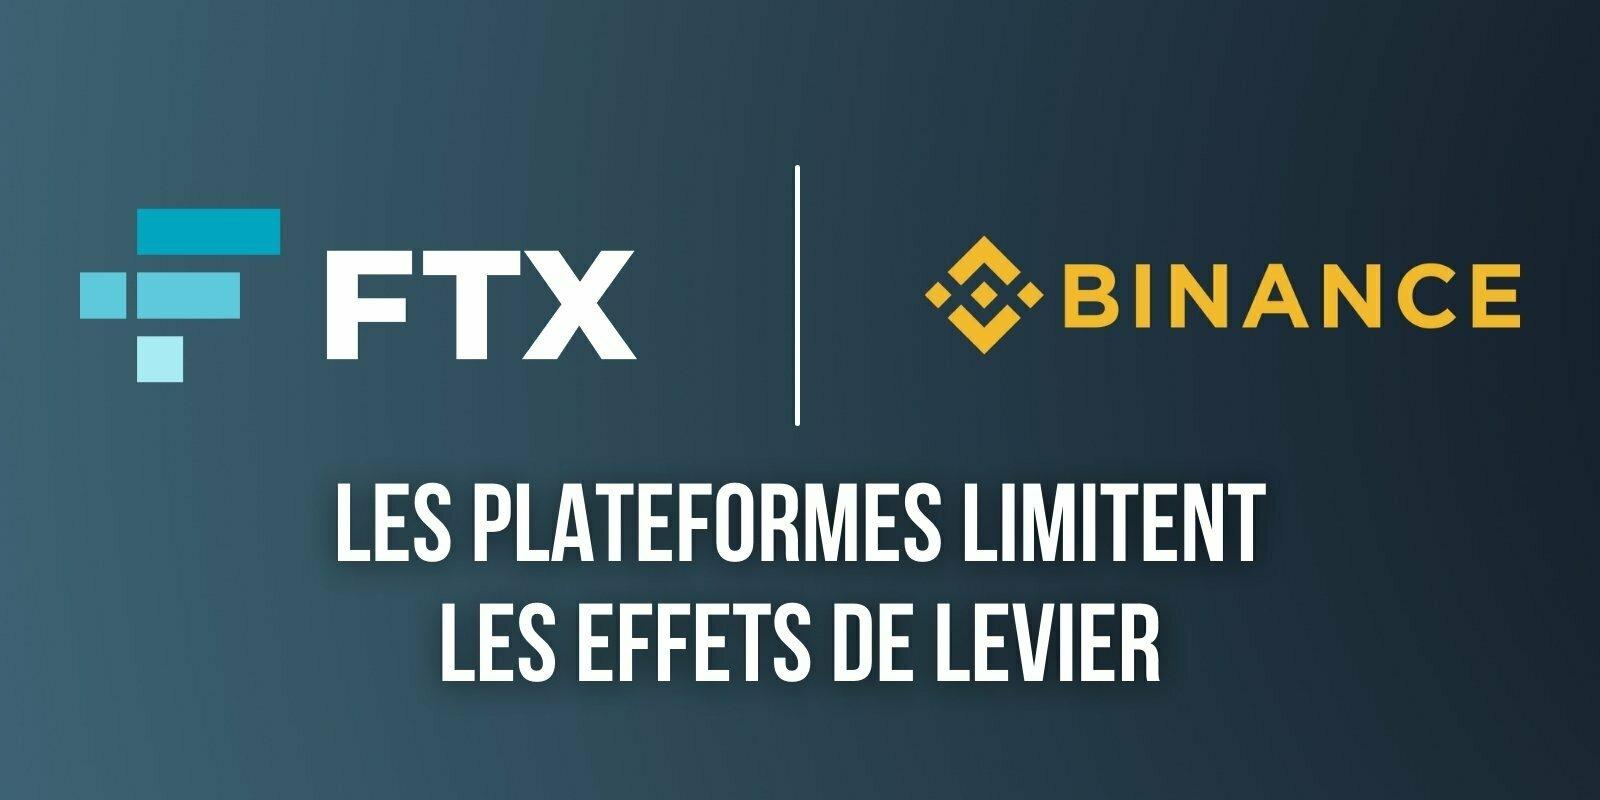 Binance et FTX abaissent à x20 leurs effets de levier pour le trading